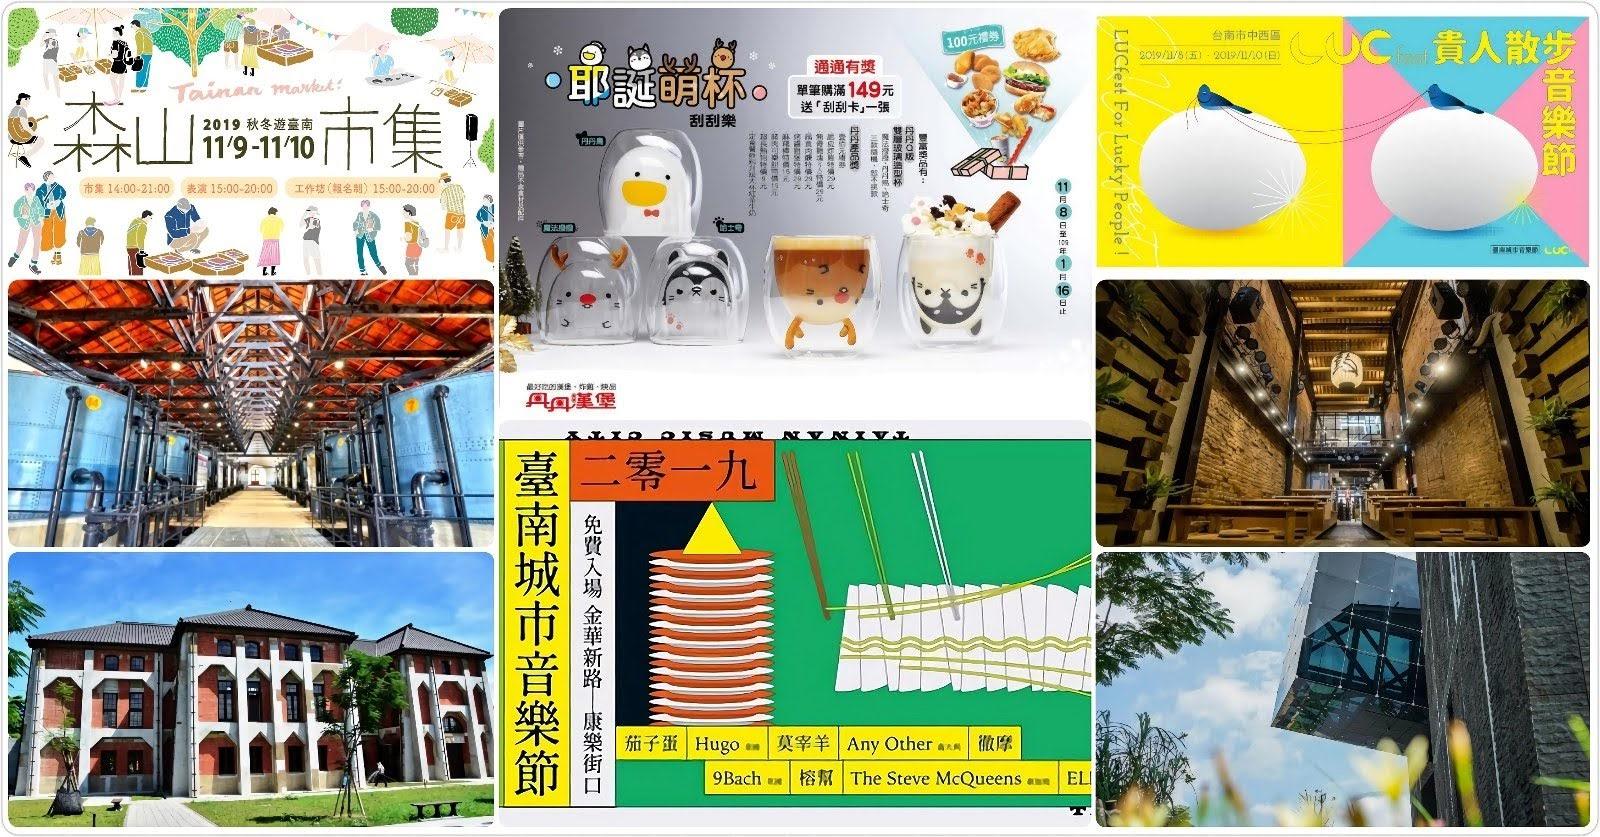 [活動] 2019 11/7-/11/10 台南週末活動整理|本週末活動數:54